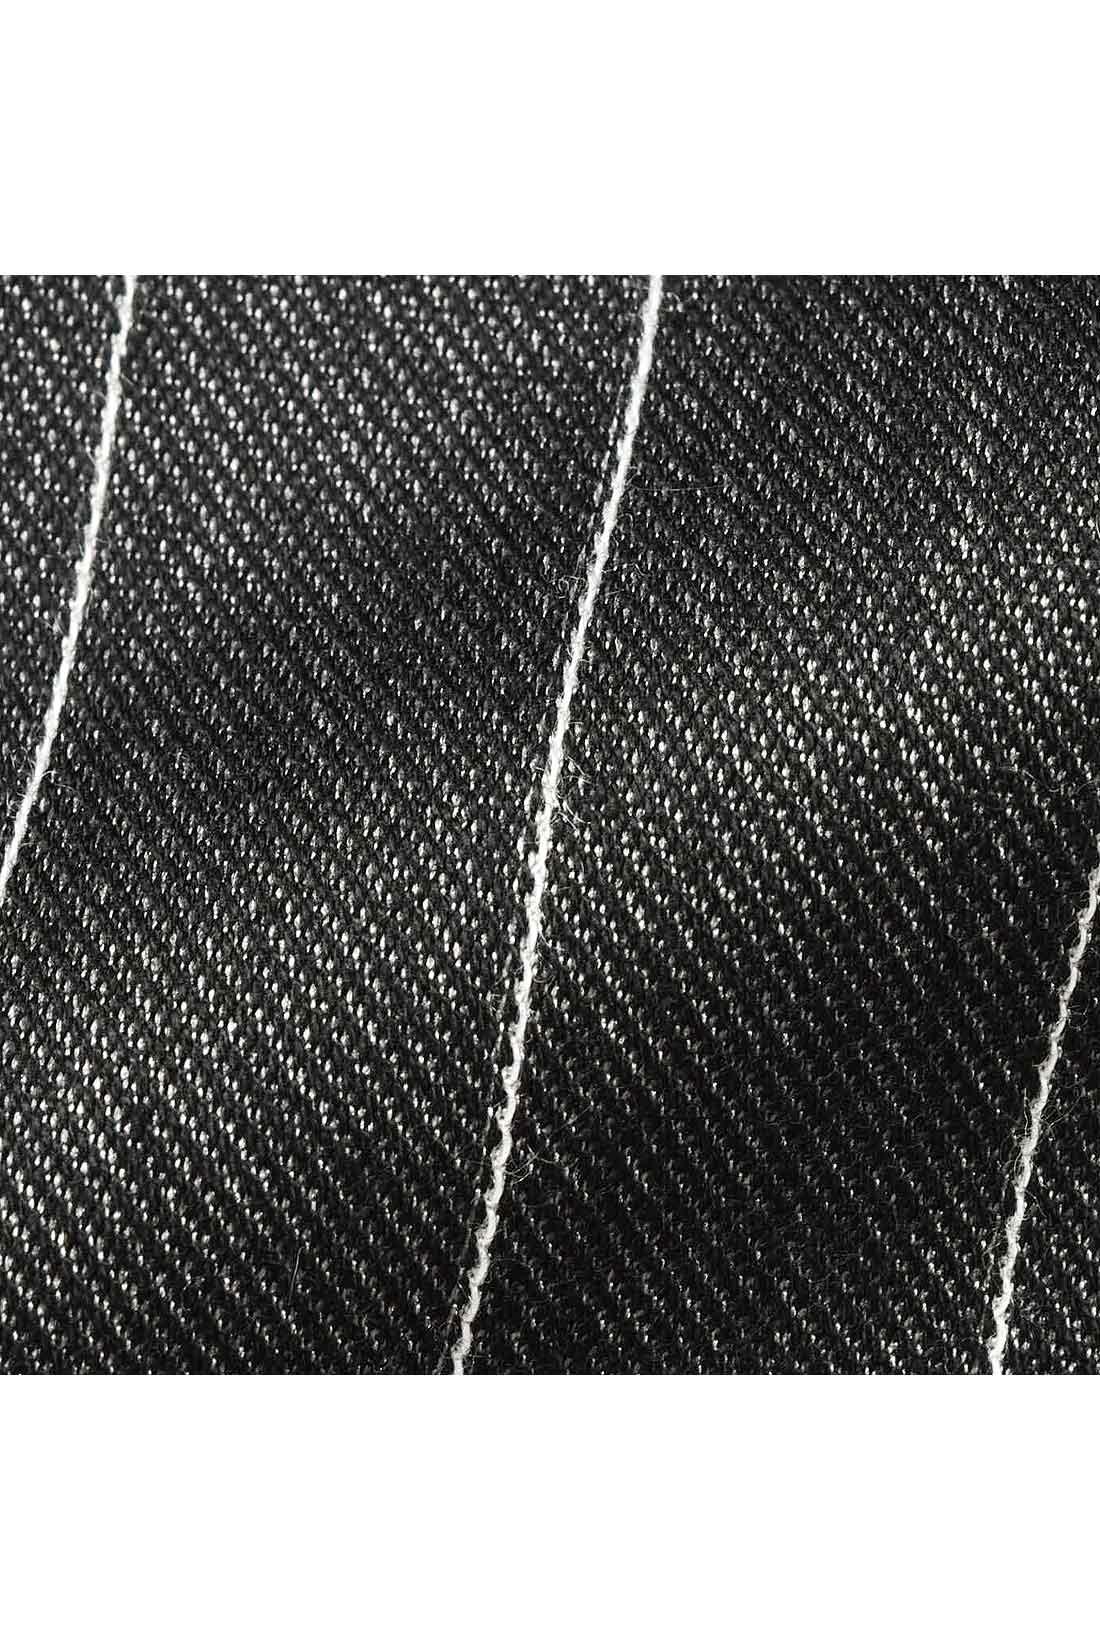 36ゲージの希少な編み機でデニムのような生地目のしっかりとした生地に仕上げたハイゲージニットツイル。